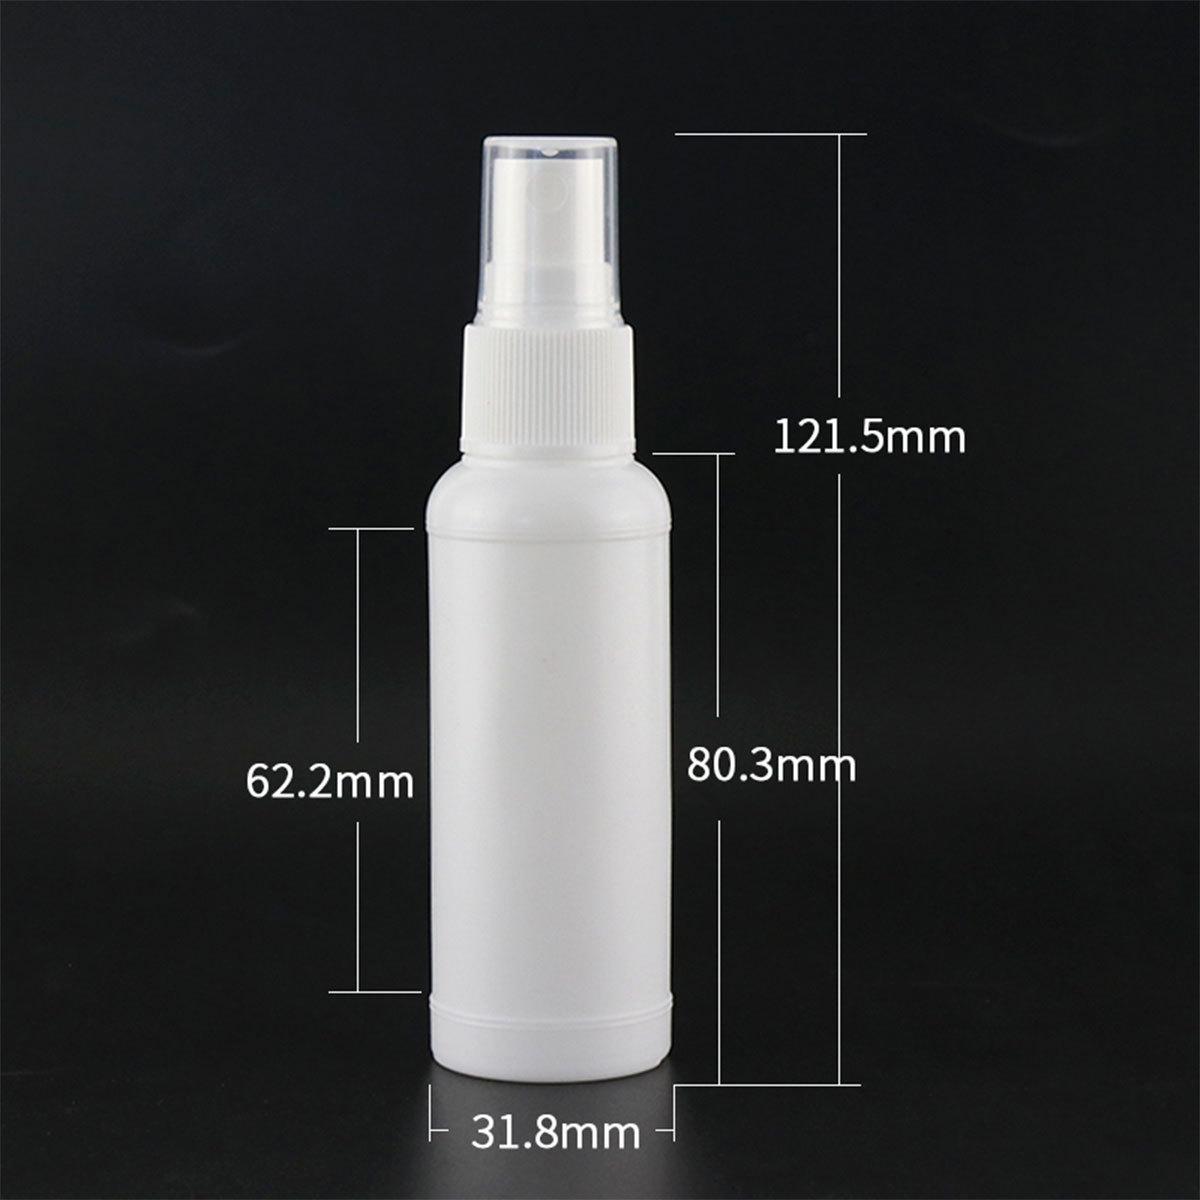 スプレーボトル 容器 50ml 100個セット 国内検品済 本体部分PPで アルコール対応 遮光 次亜塩素酸水にも使用可能 空容器 携帯用_画像2